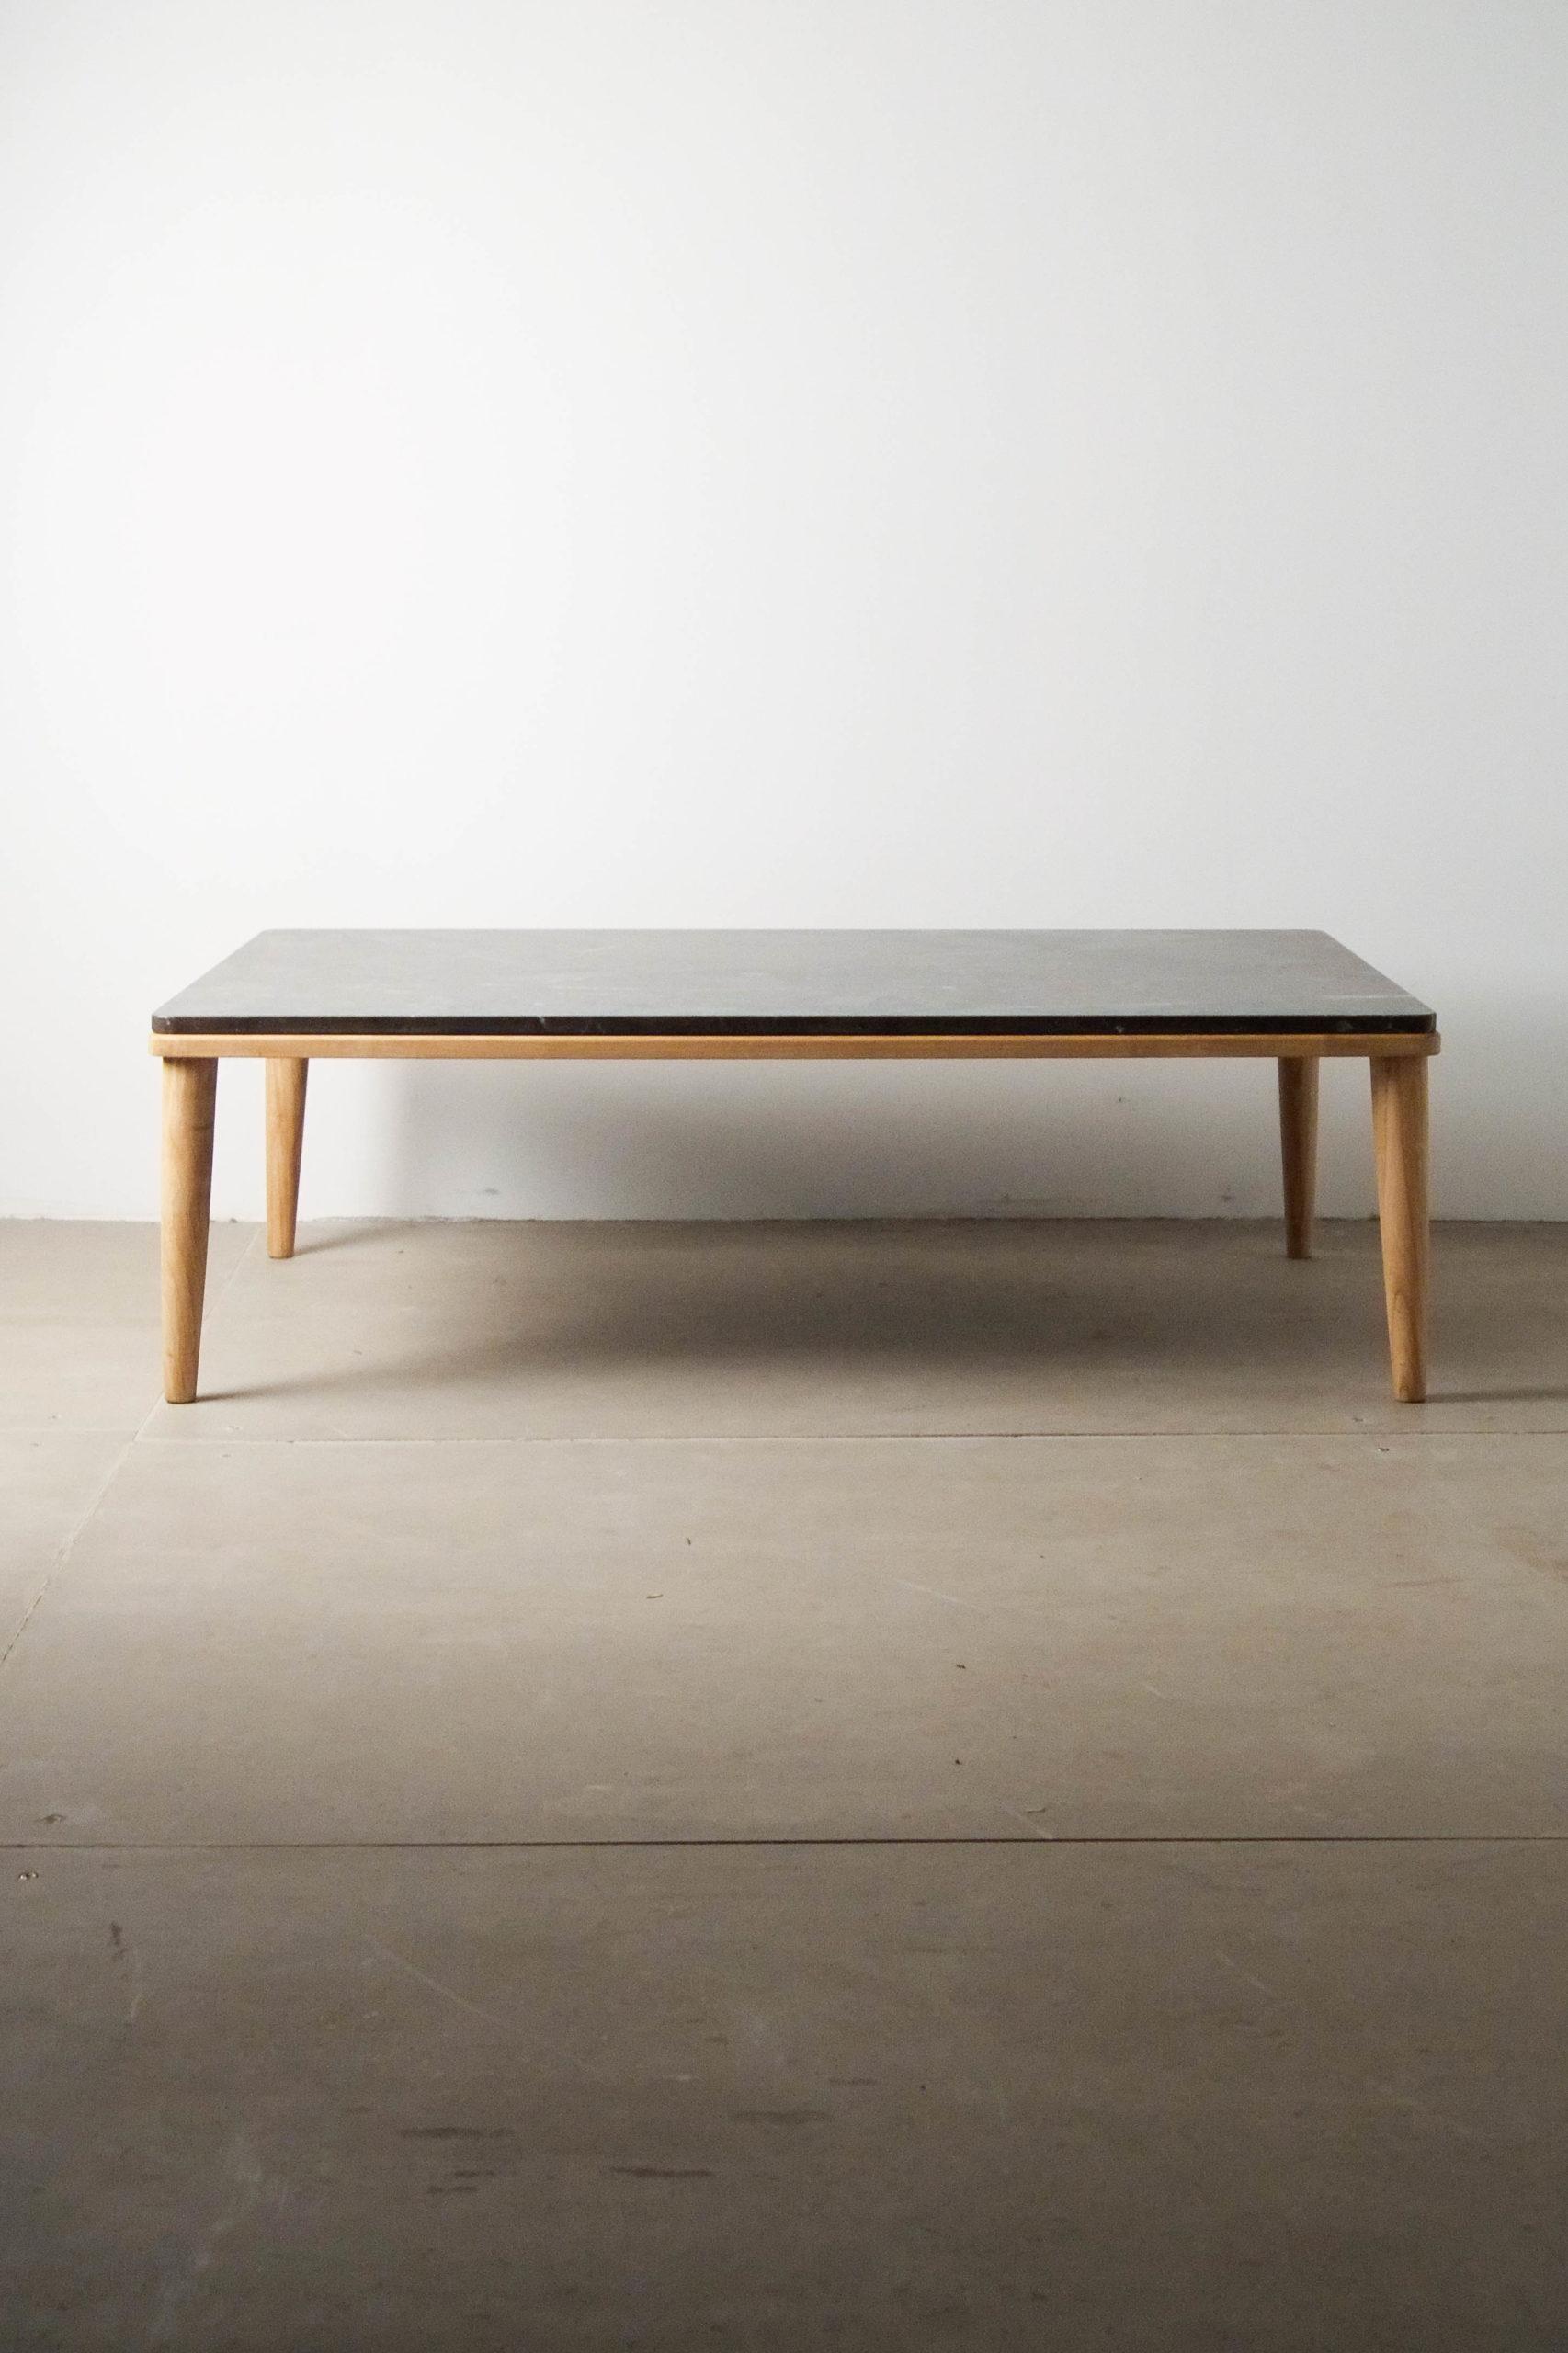 vista general mesa de marmol hecha a mano